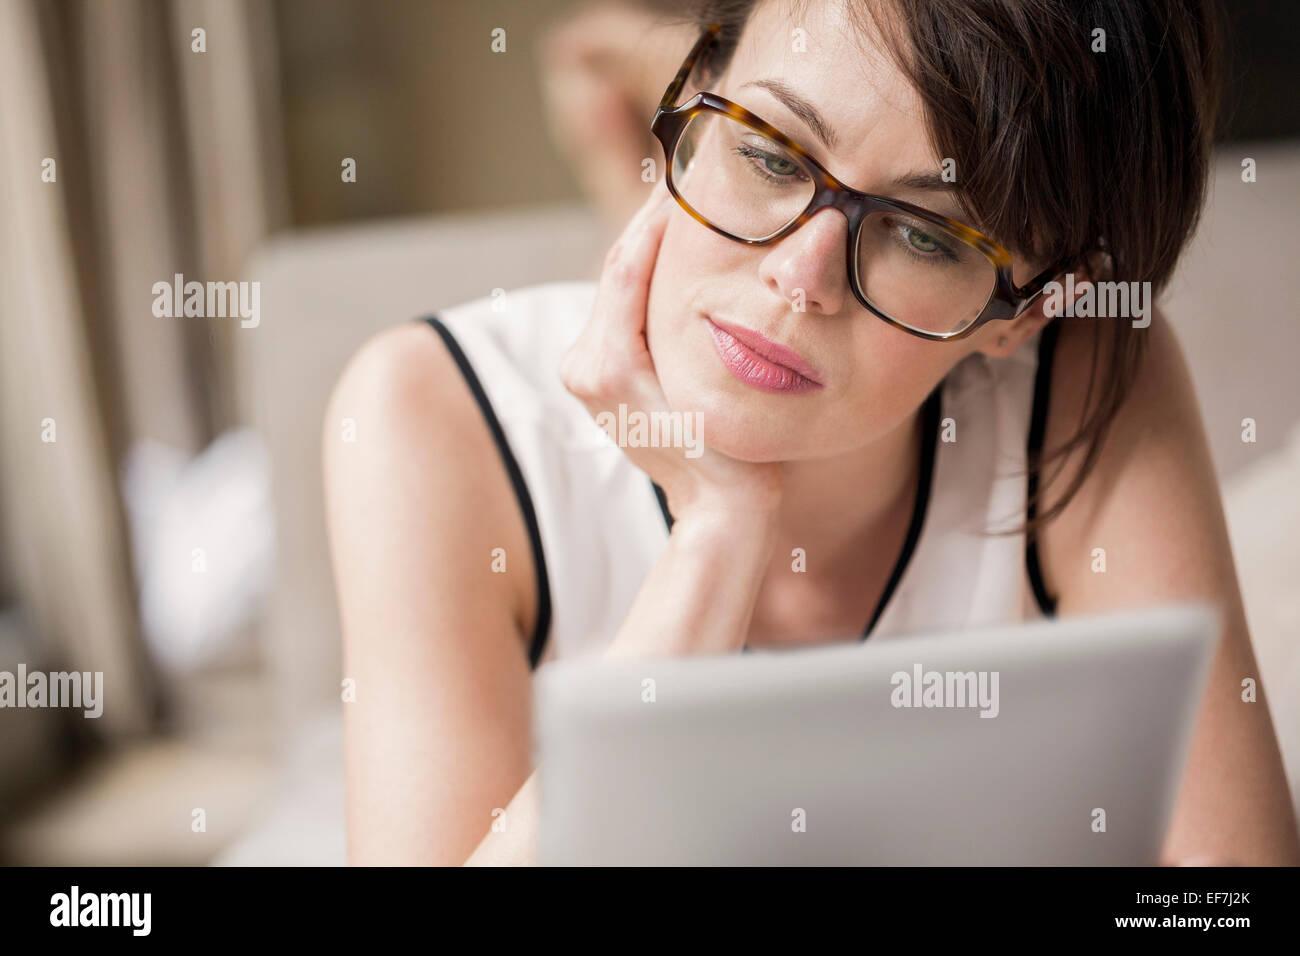 Femme couchée sur le lit et en regardant une tablette numérique Photo Stock